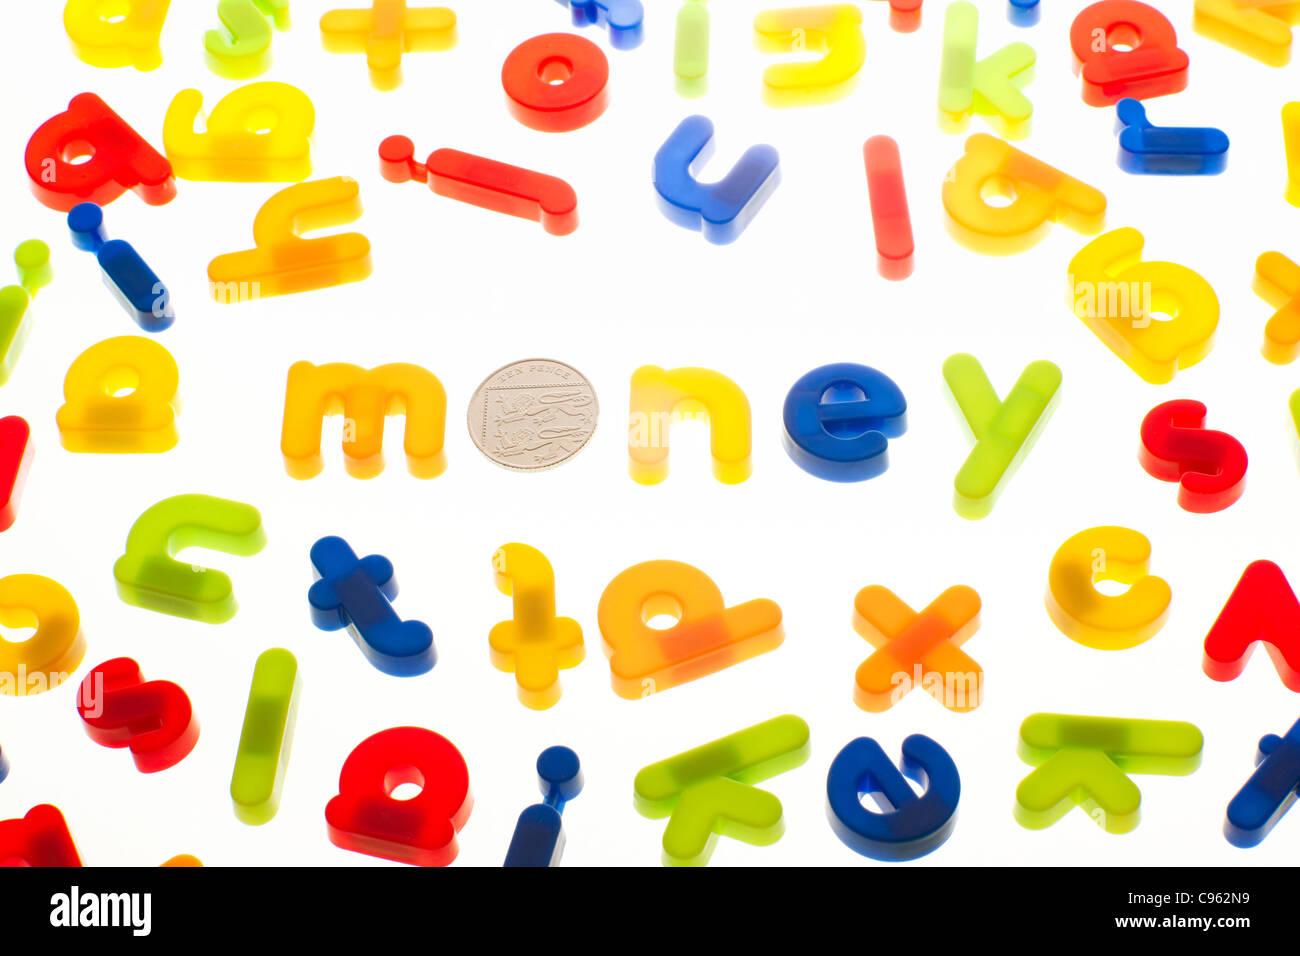 L'argent, de l'image conceptuelle. Banque D'Images